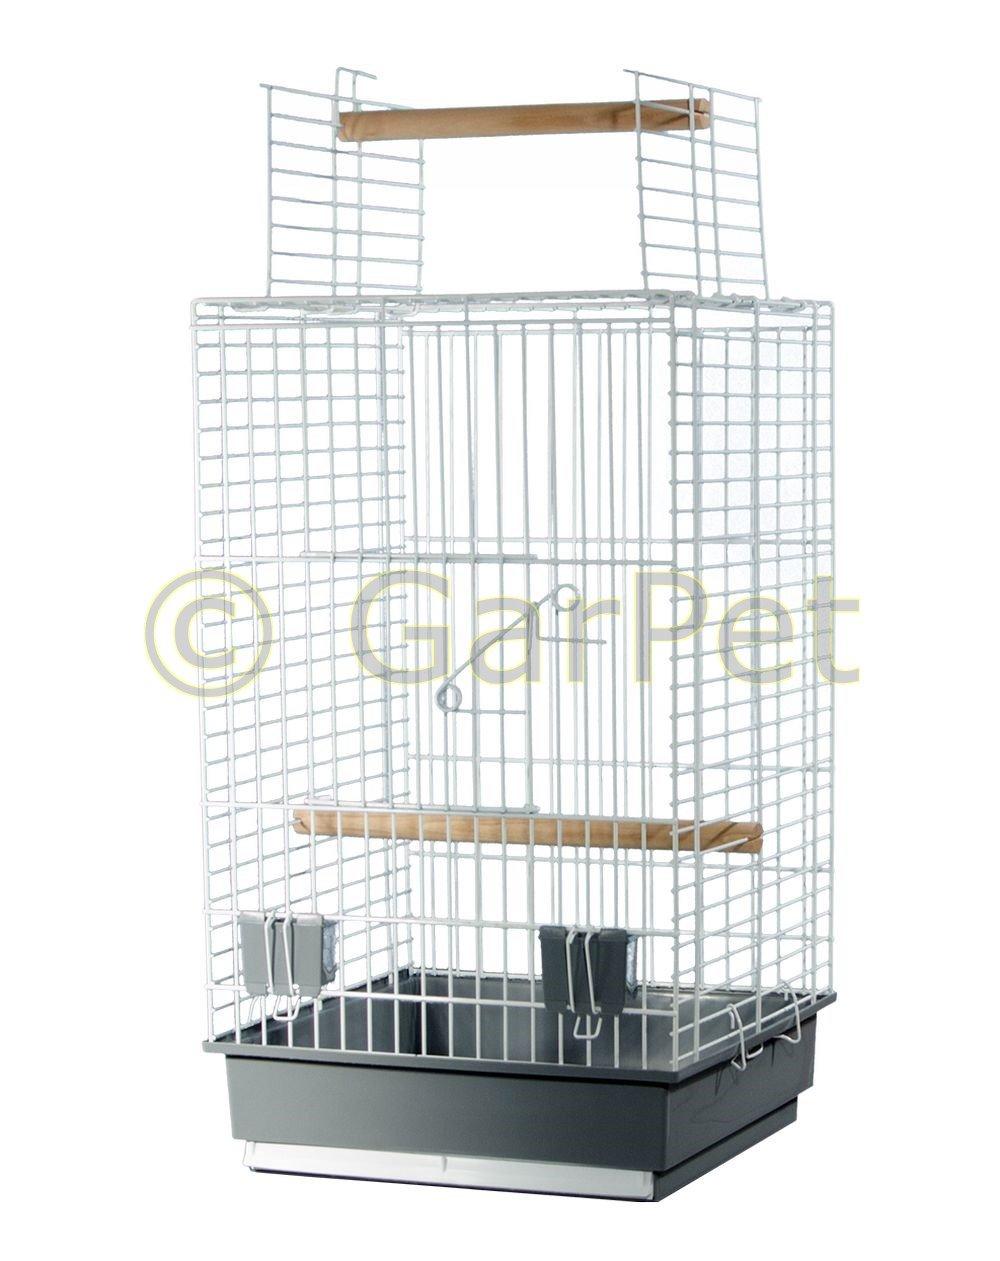 Vogelkäfig Papageienkäfig Papagei Freisitz Offen Vogel Käfig Ständer  Optional: Amazon.de: Haustier